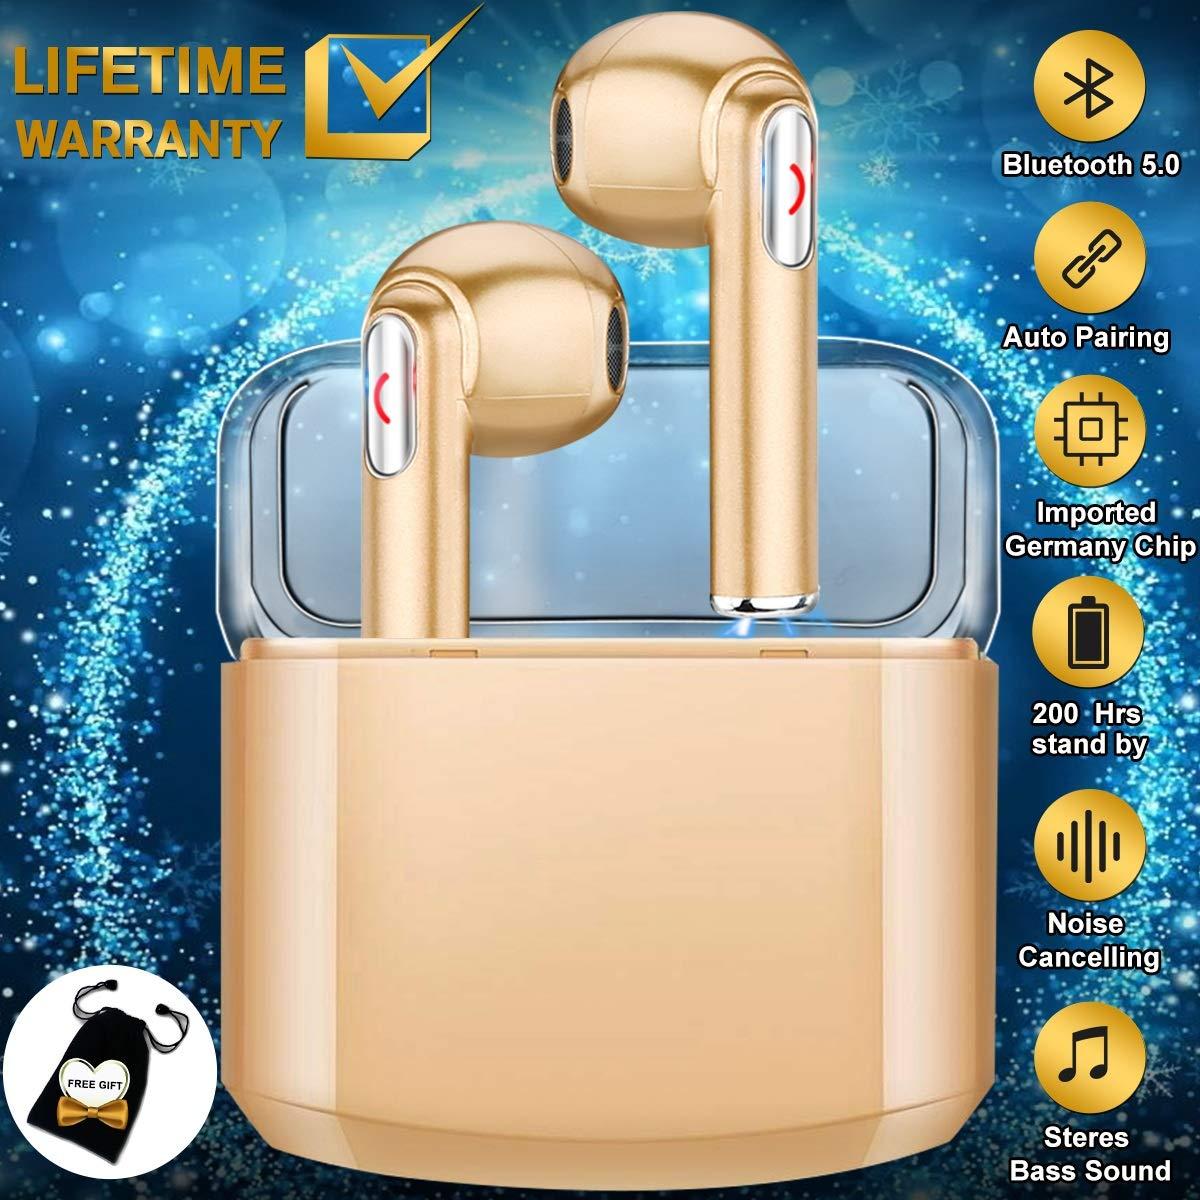 ワイヤレスイヤホン 充電ケース付き Bluetoothイヤホン DF1 (ホワイト4) B07QWL1X4X